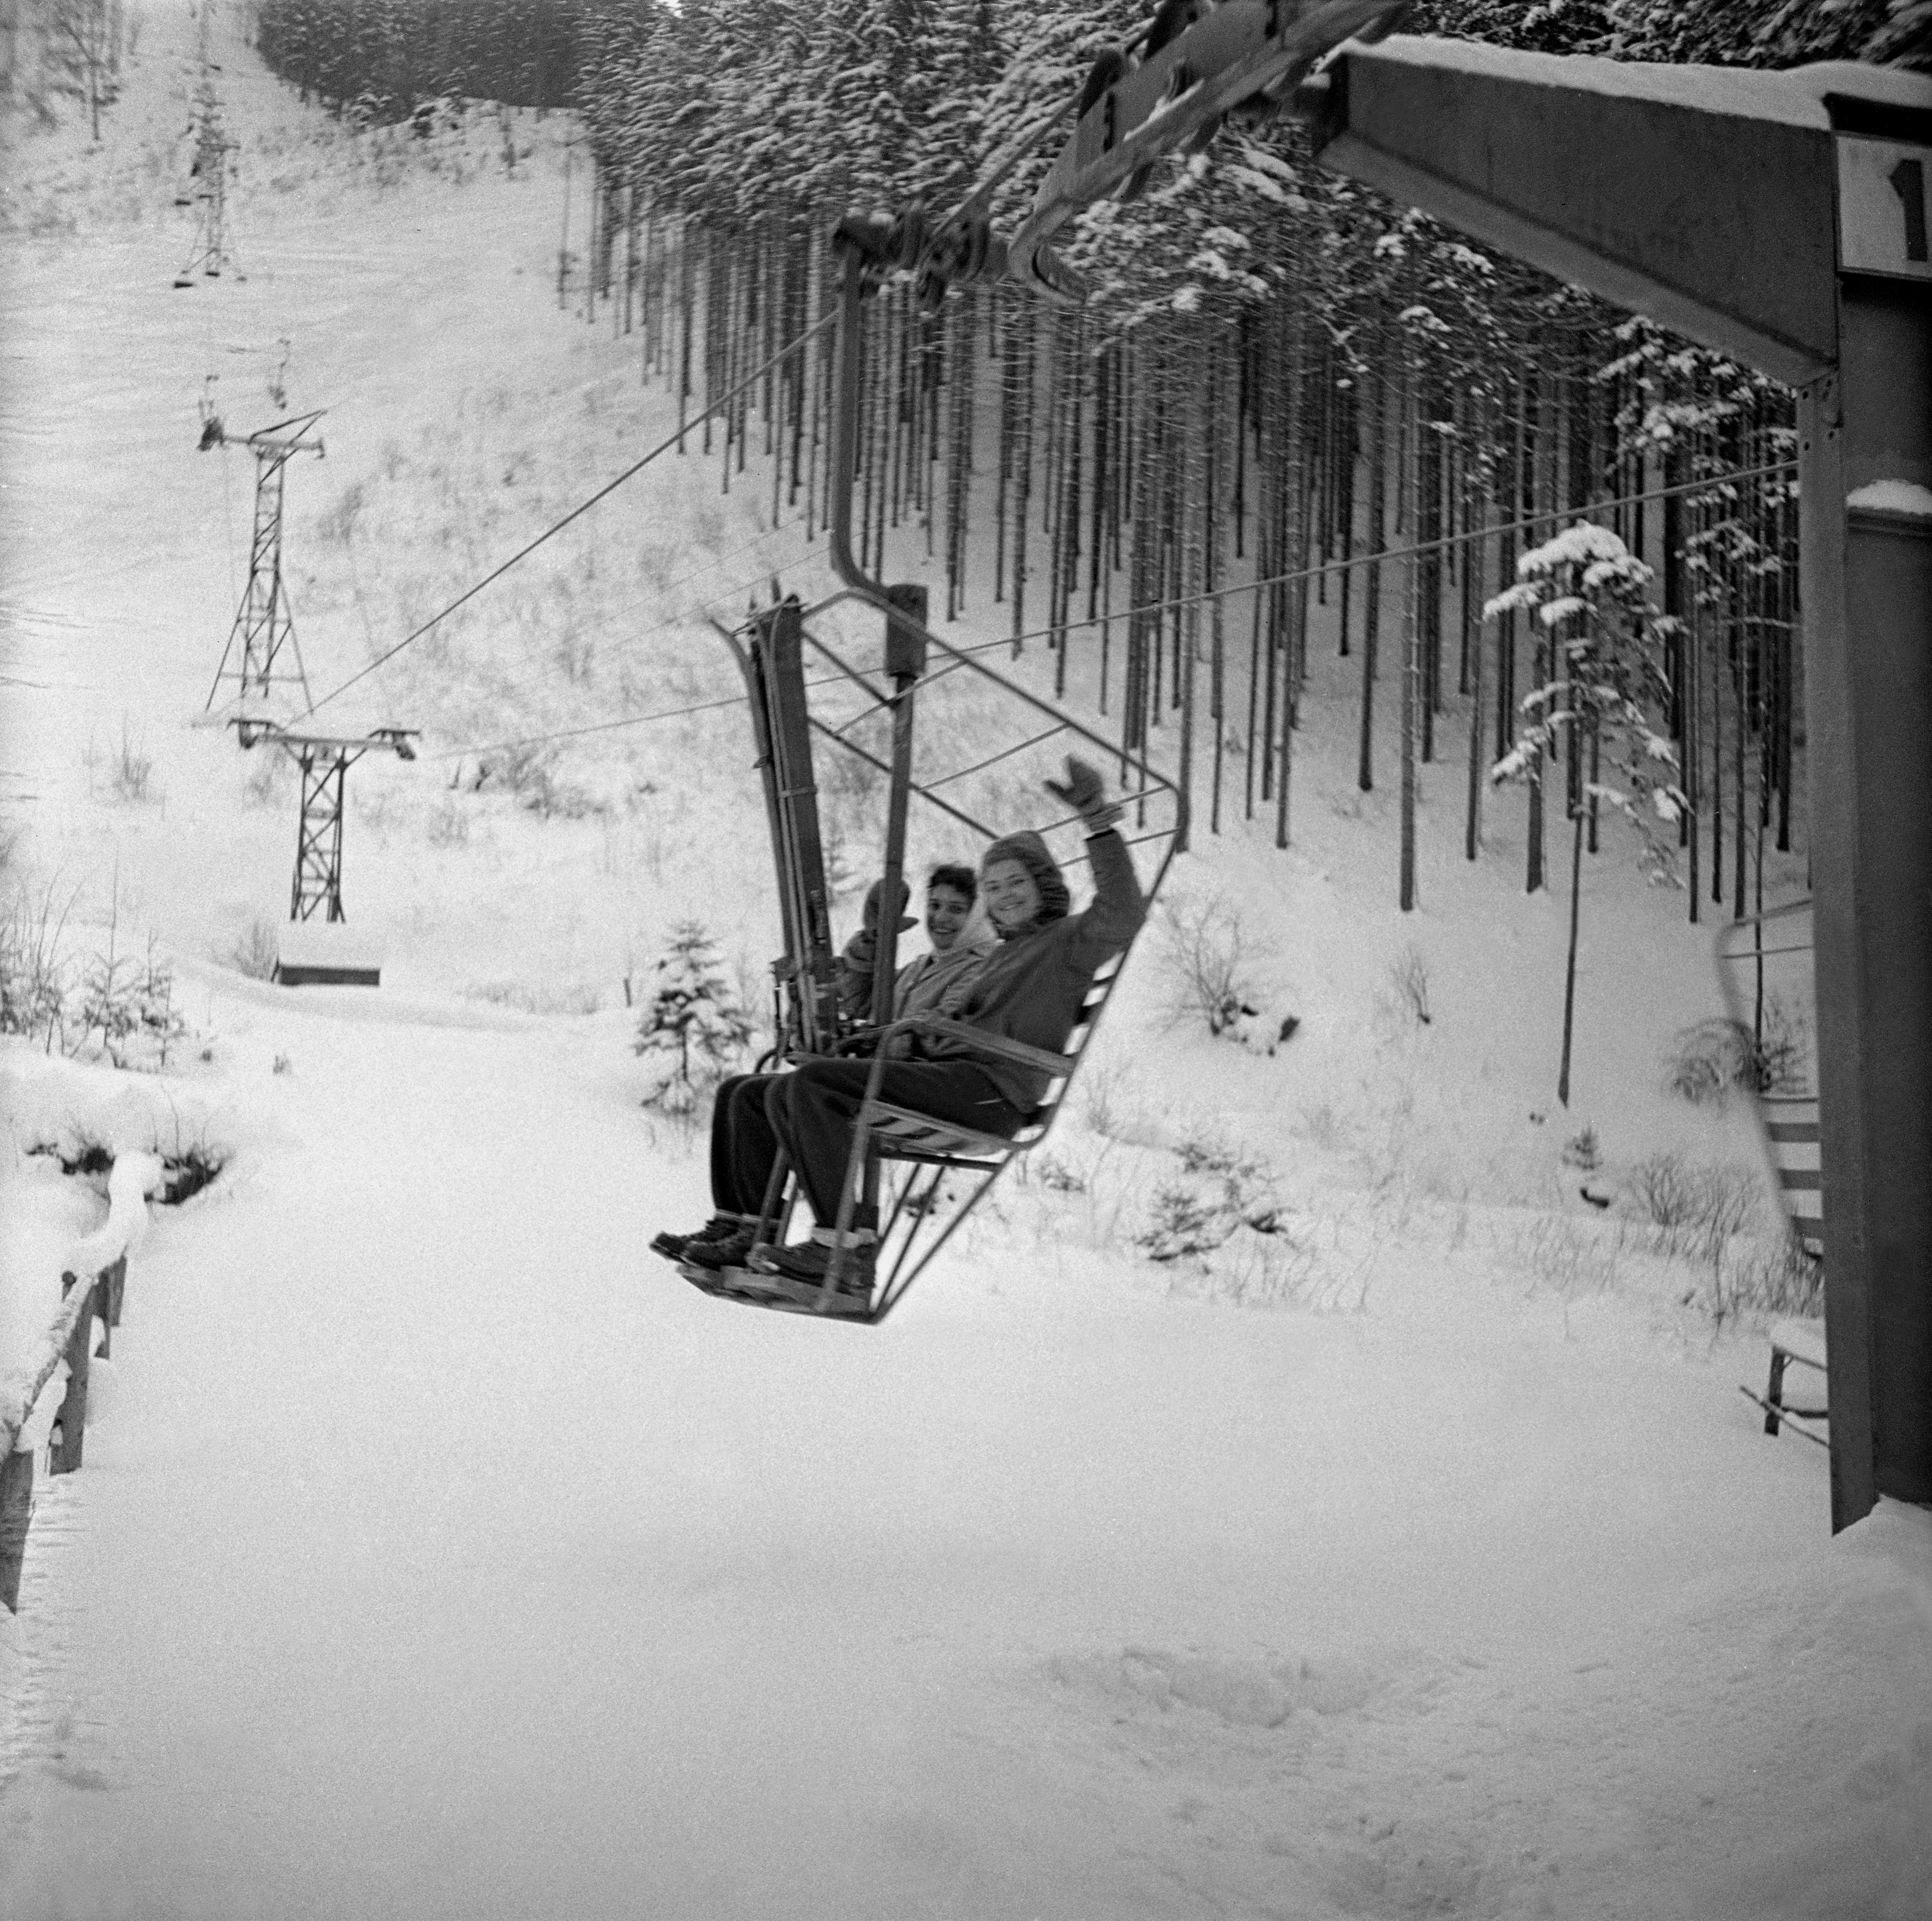 Na archívnej snímke z 12. februára 1960 sedačkový výťah z Vrátnej doliny na hornú stanicu - Snilovské sedlo pod Fatranským Kriváňom.